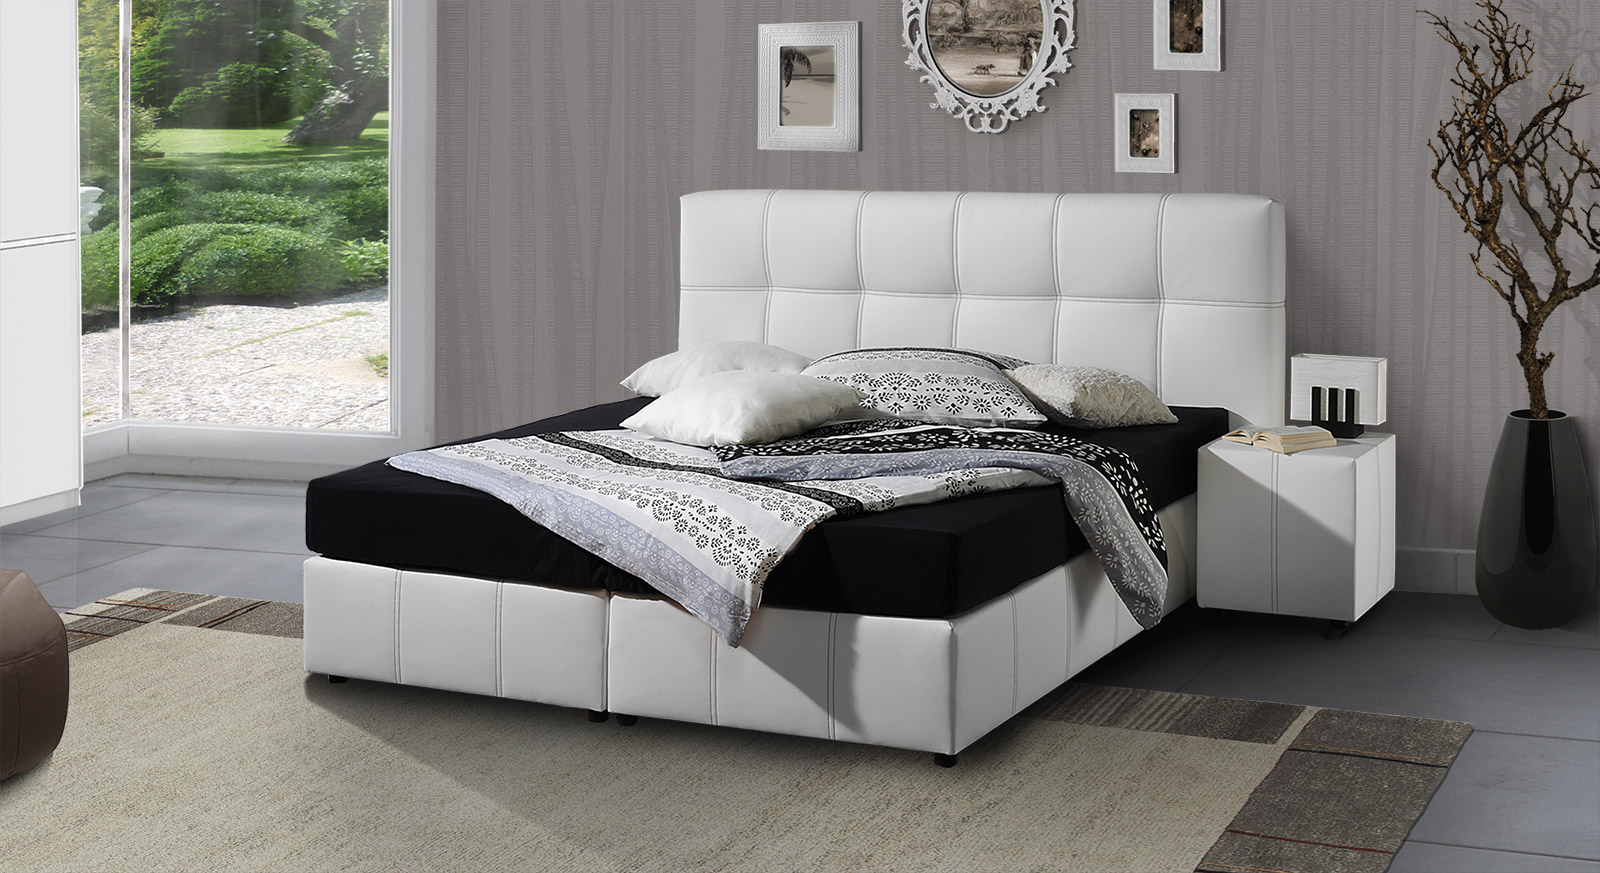 Schwarz Bett 140x200 Preisvergleich Die Besten Angebote Online Kaufen